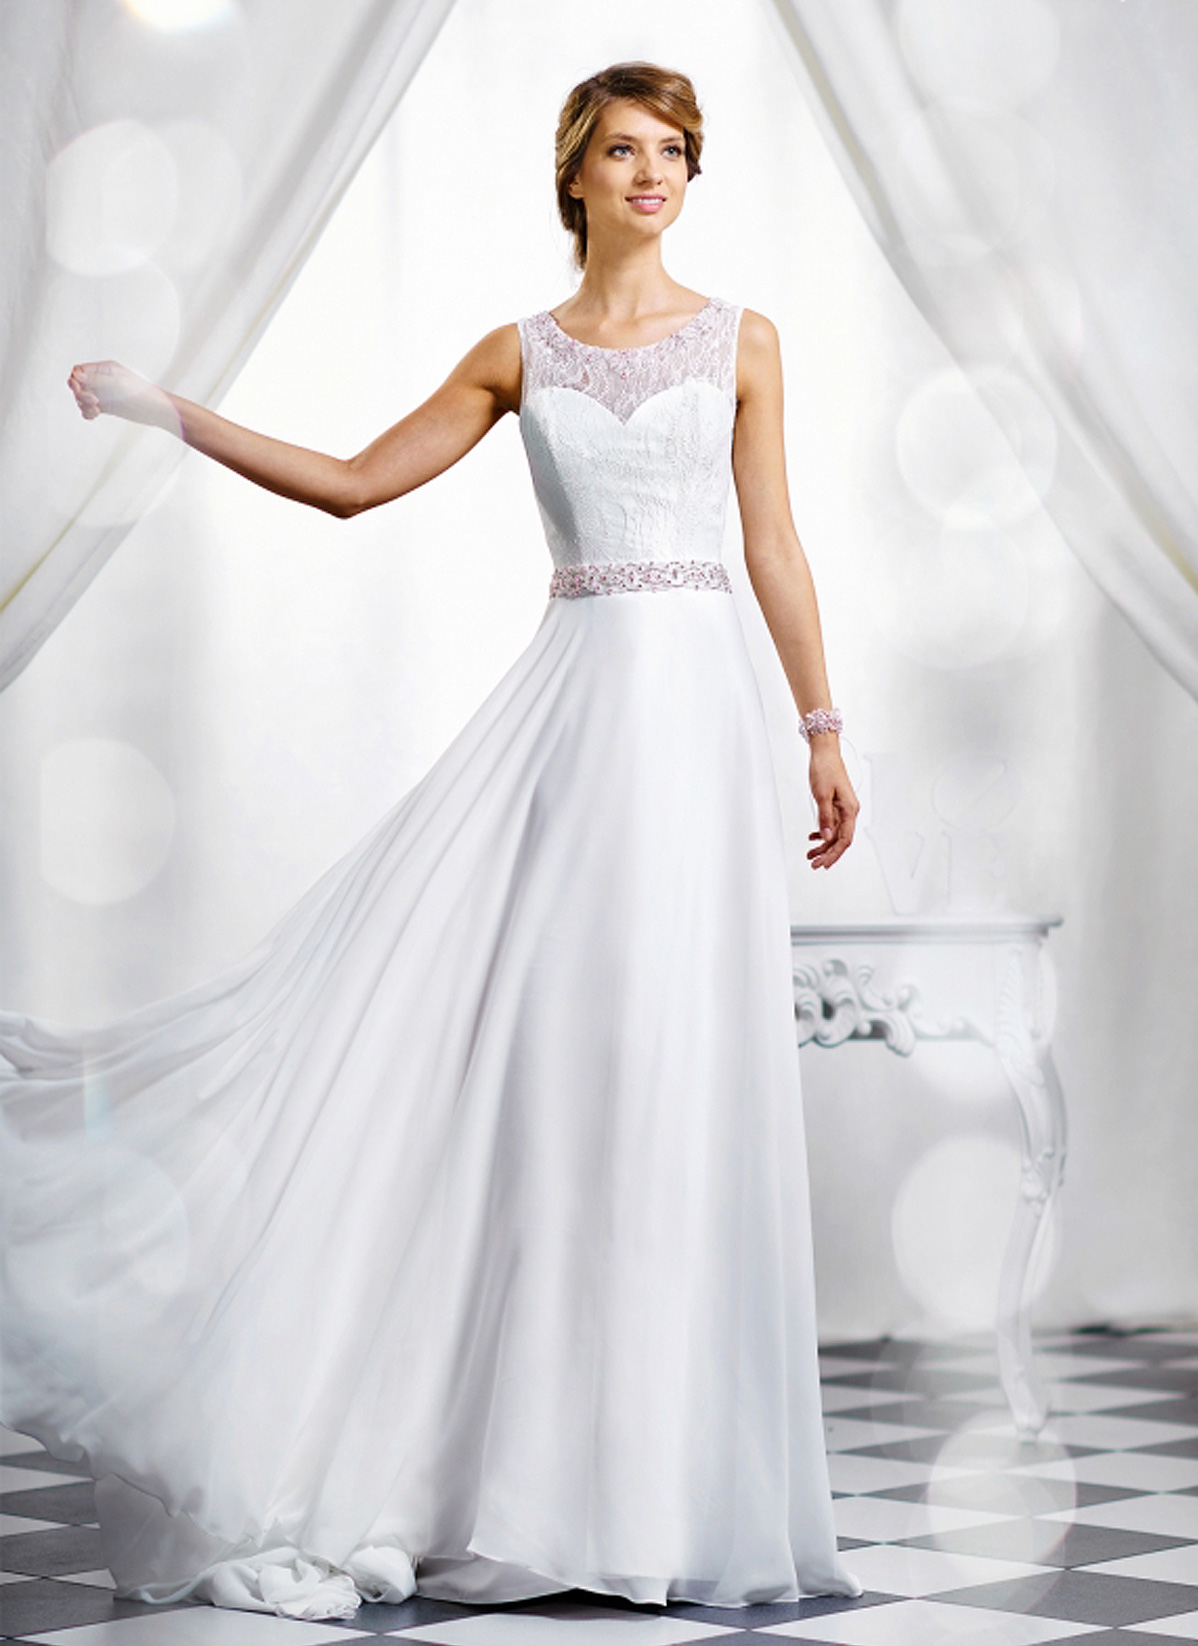 Herm&#8217;s Bridal <br> Amalyn